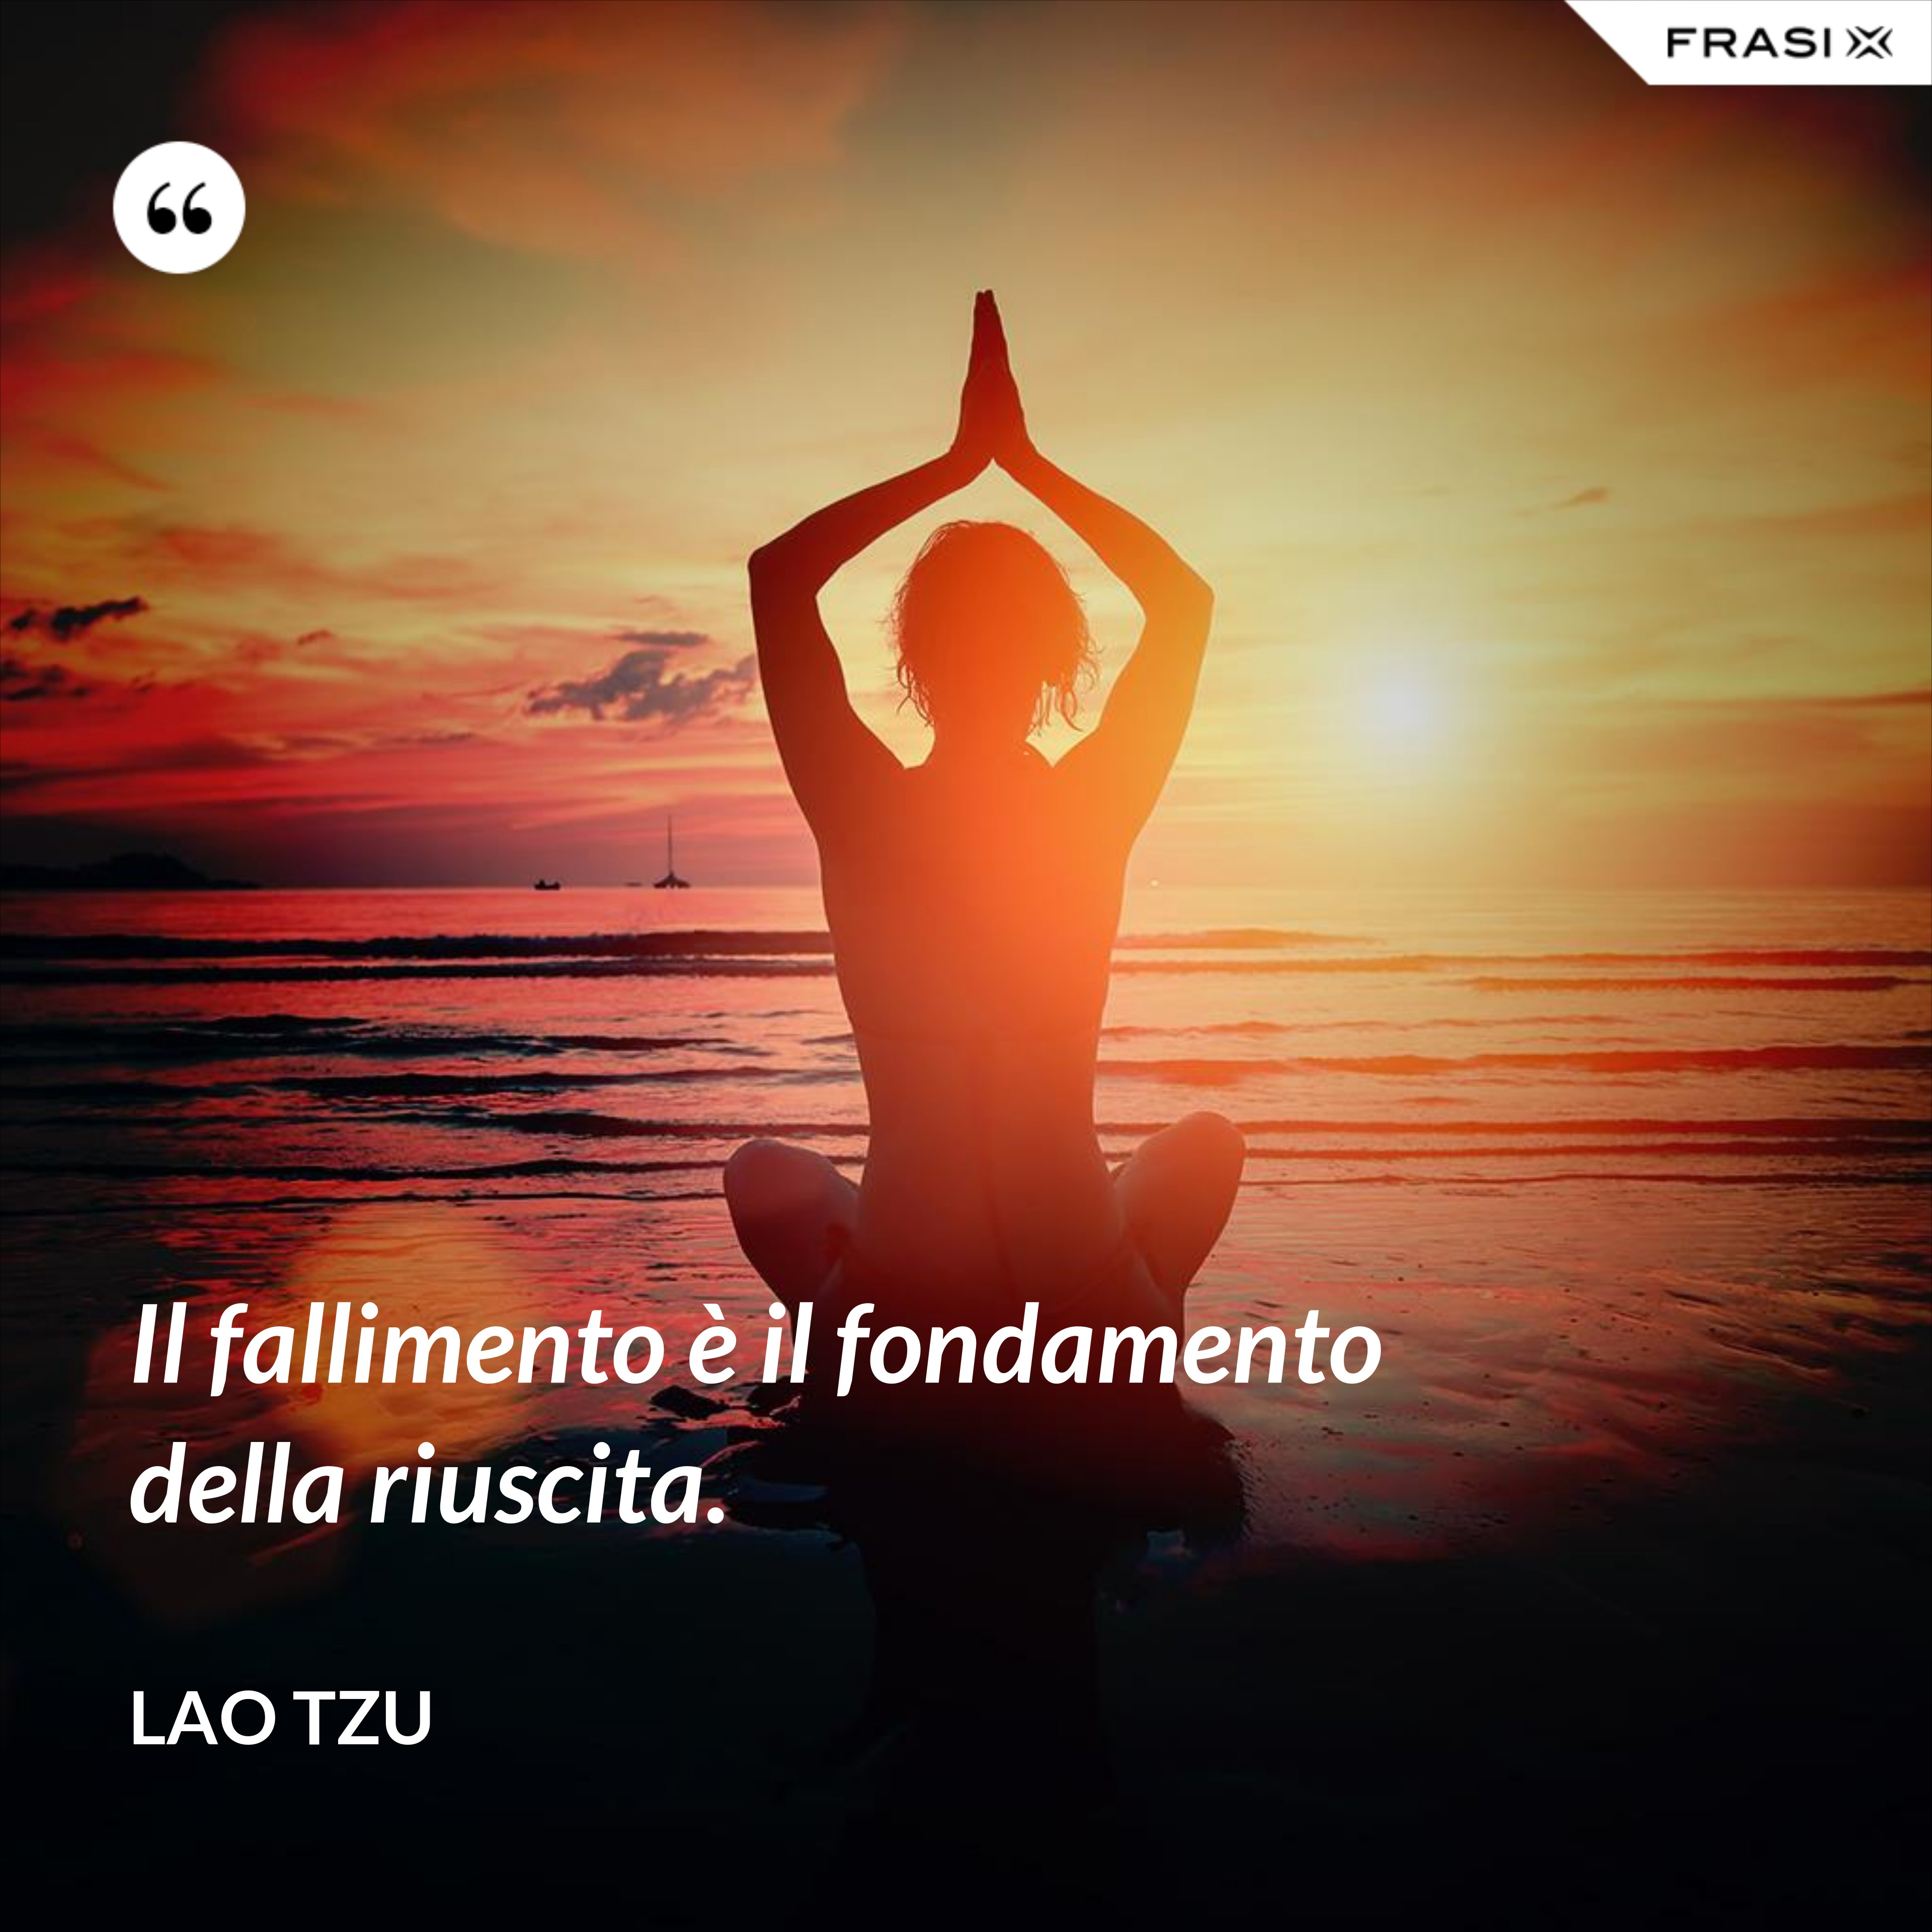 Il fallimento è il fondamento della riuscita. - Lao Tzu